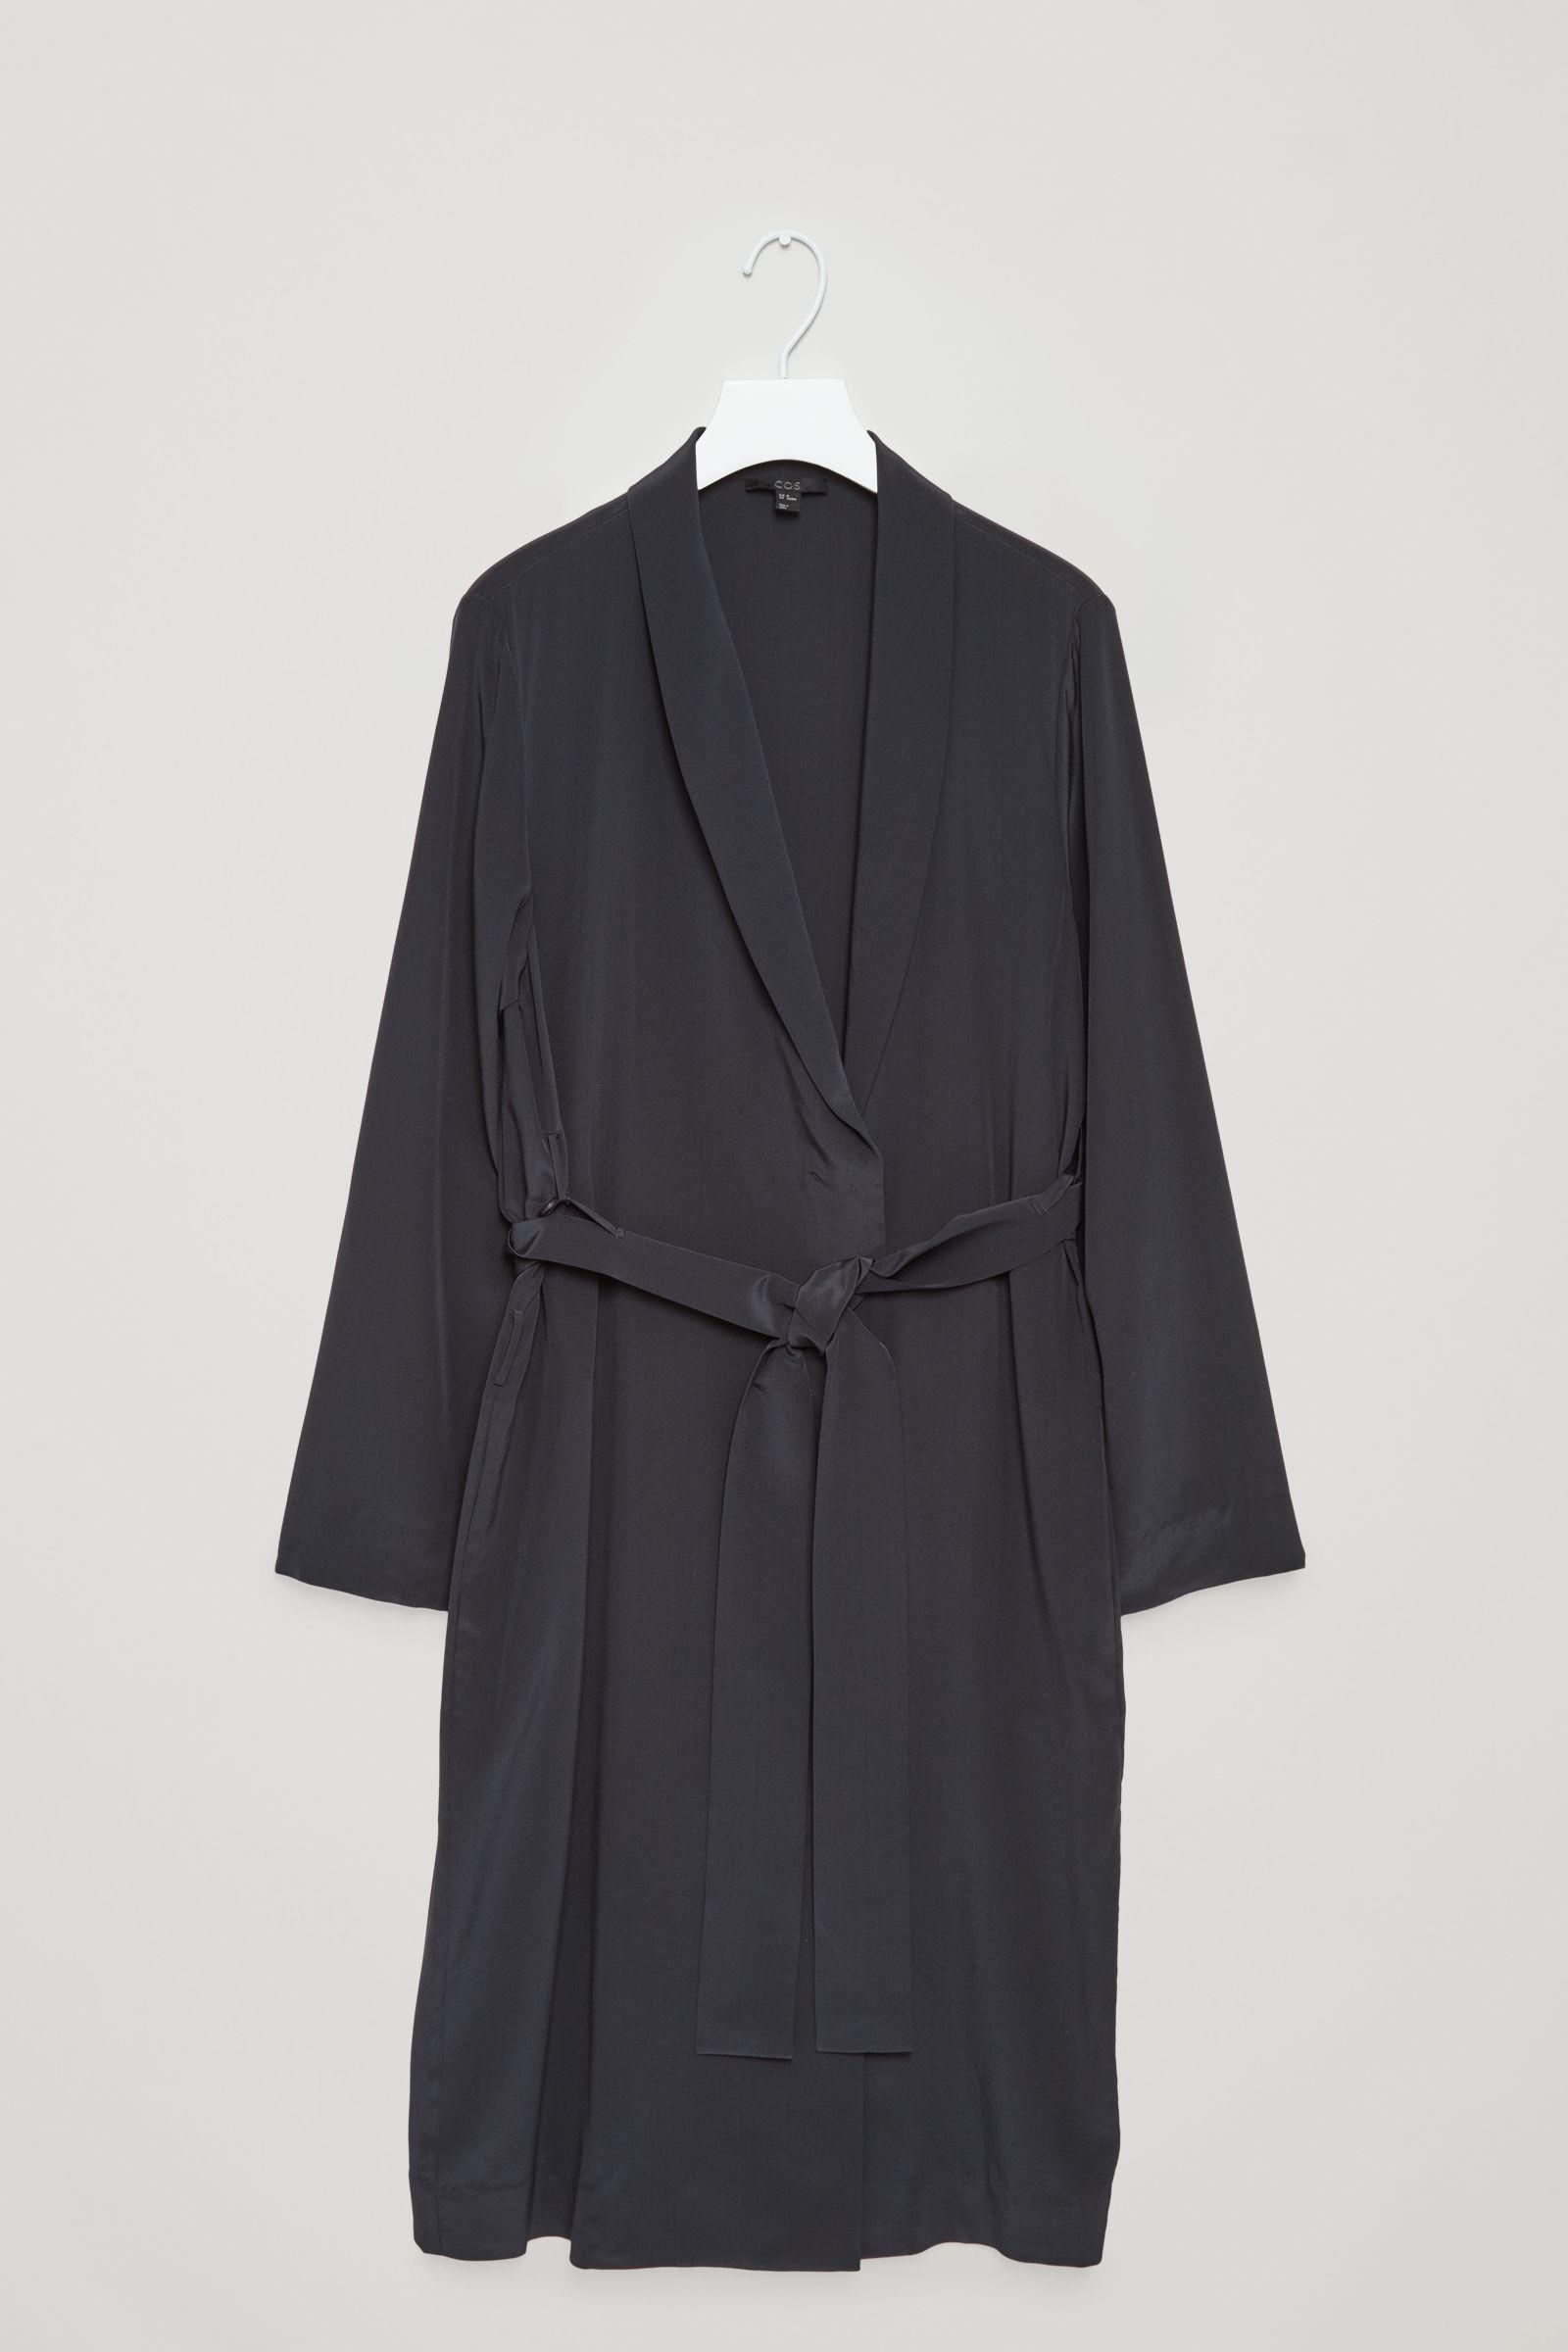 f2f8519b794cf COS | Silk blazer dress | Outfits / / Looks | Blazer dress, Fashion ...